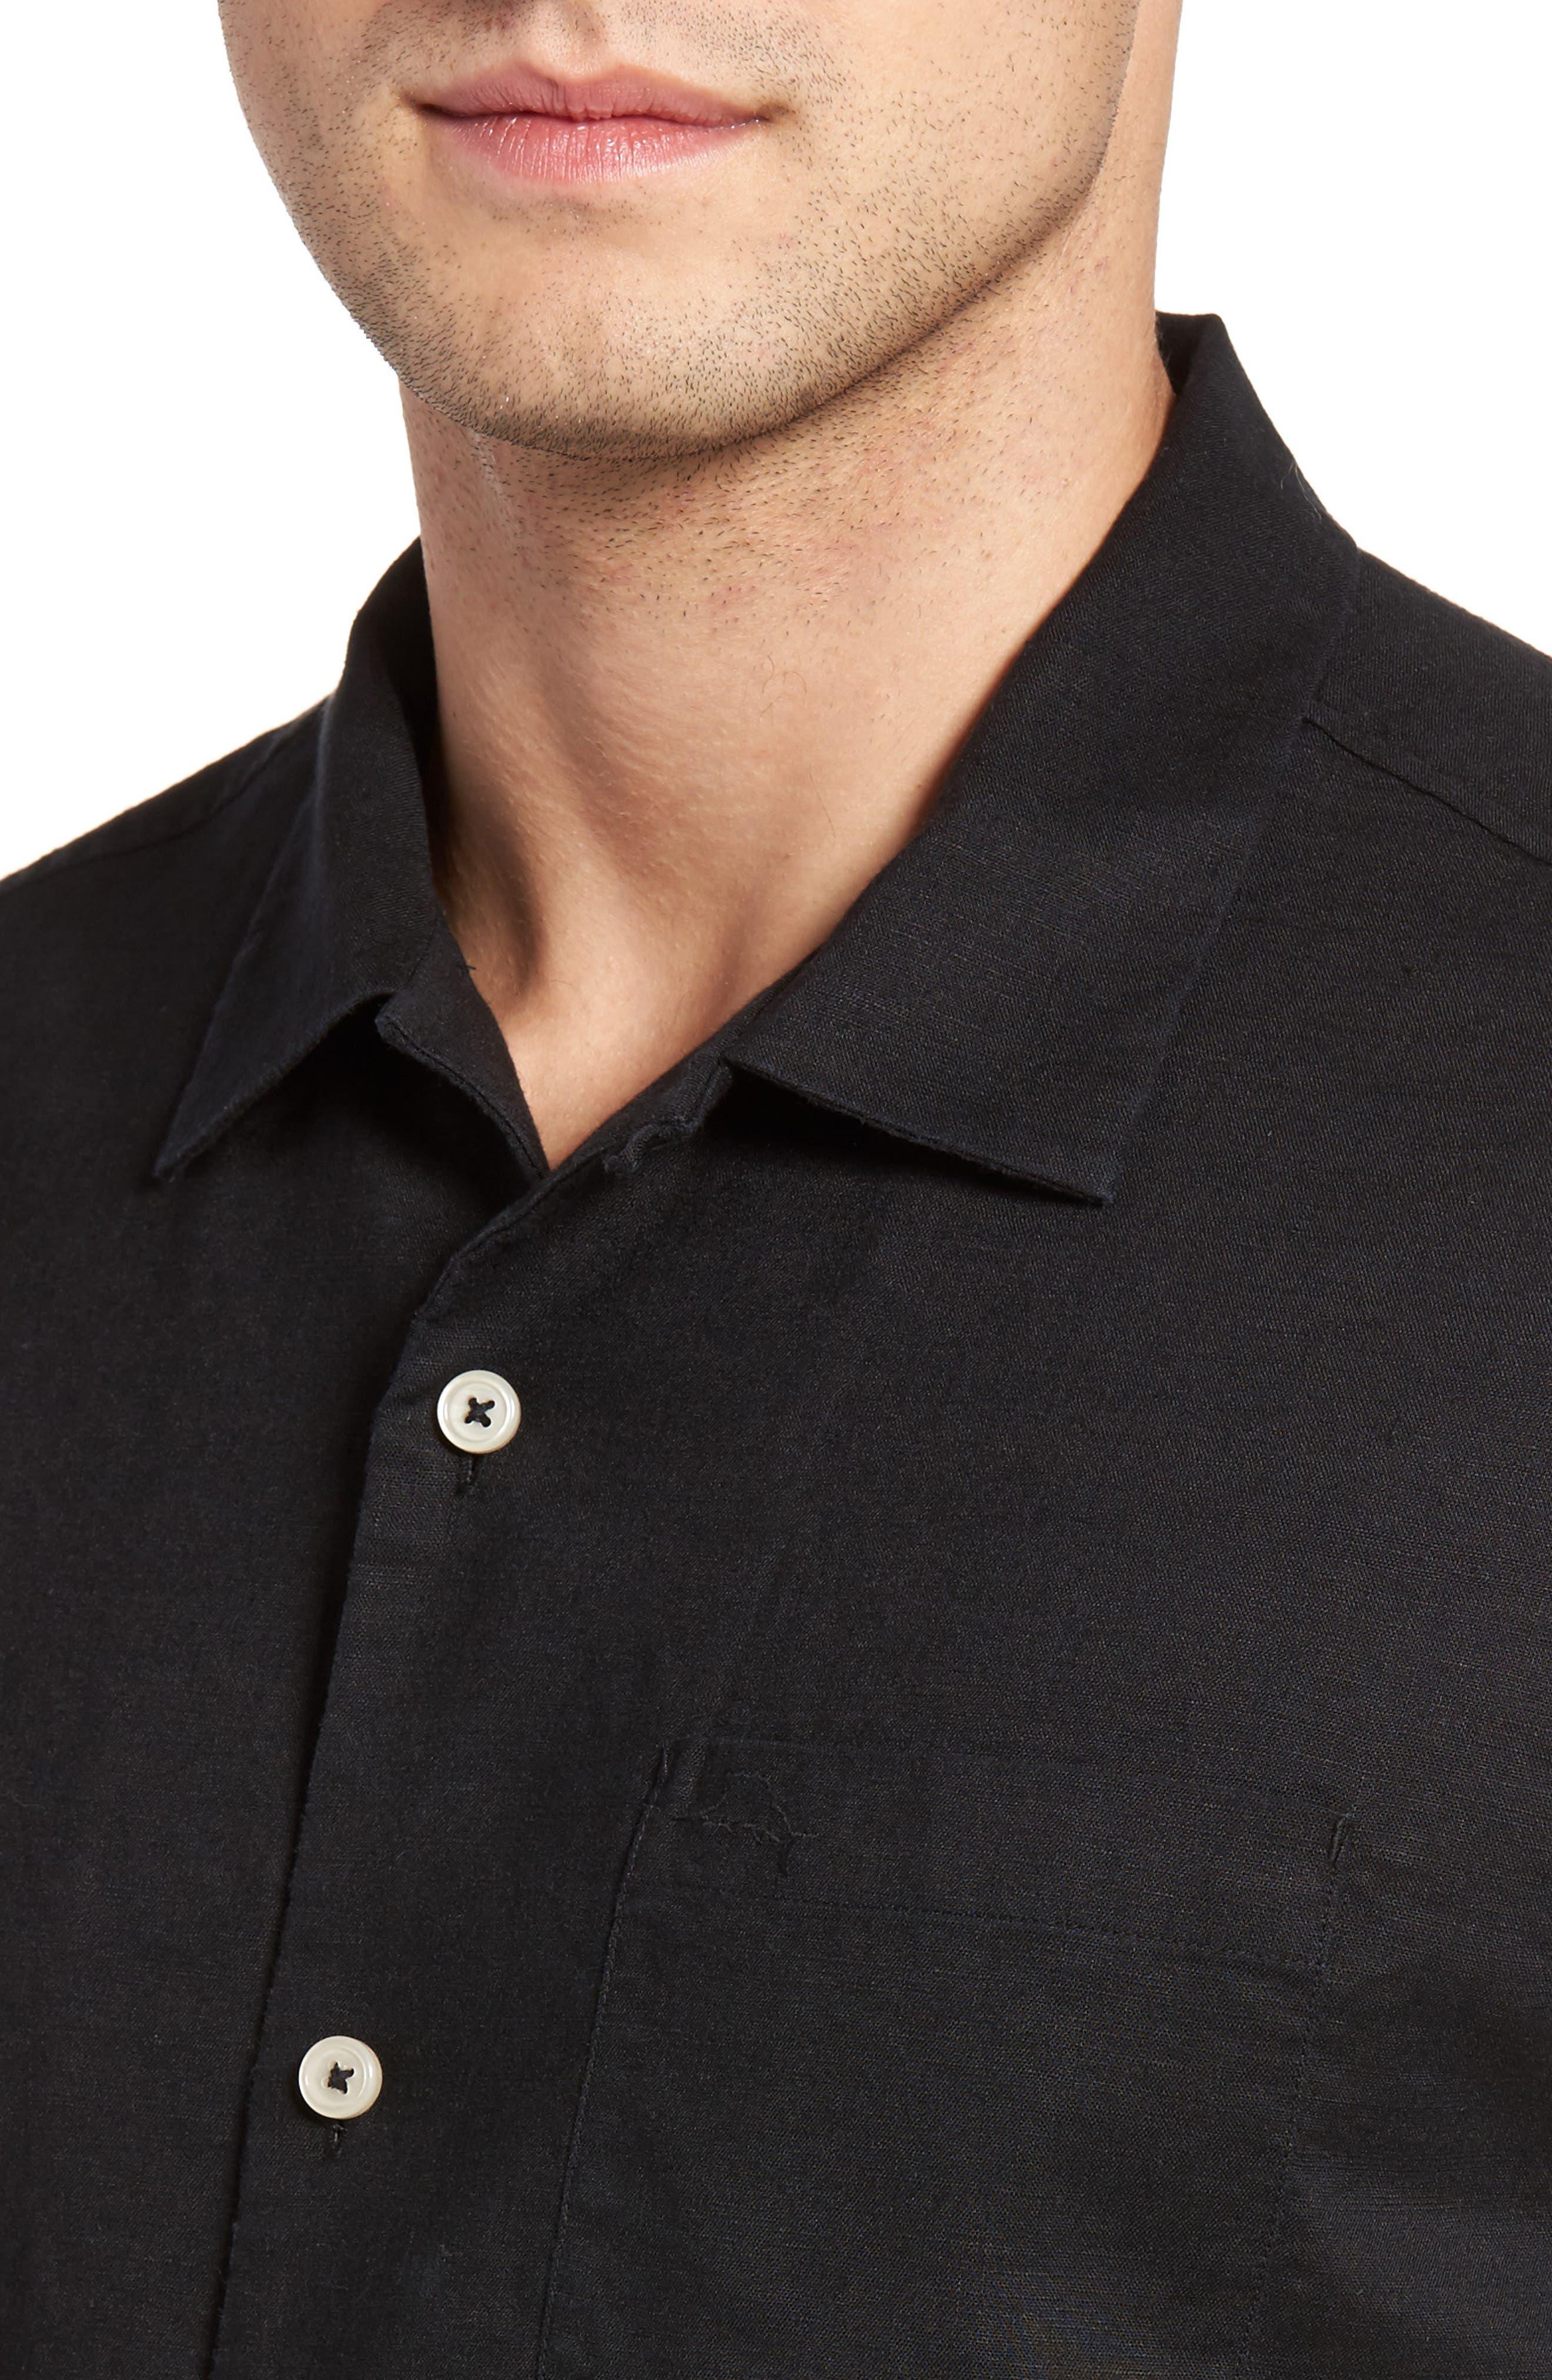 Monaco Tides Linen Blend Camp Shirt,                             Alternate thumbnail 4, color,                             Black